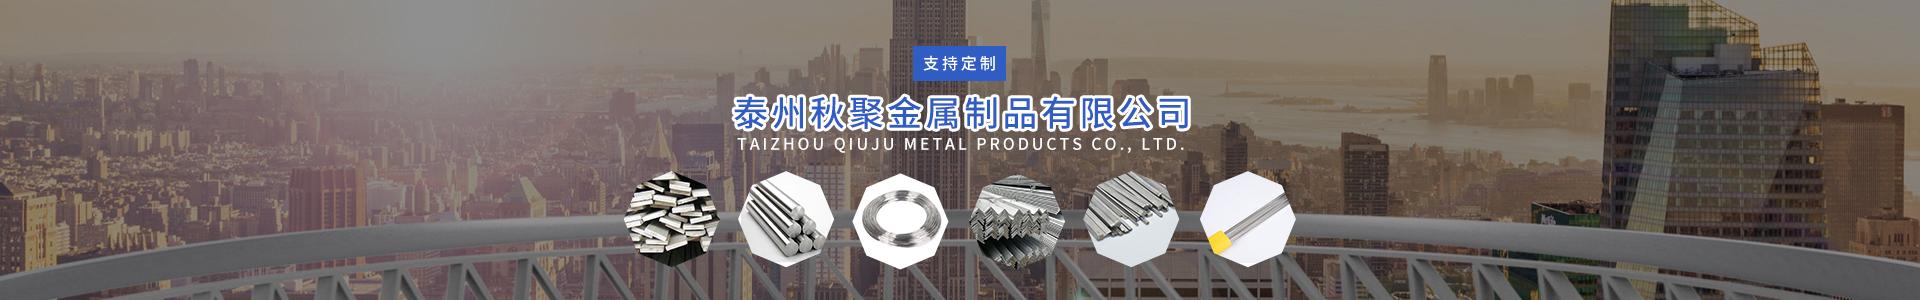 泰州秋聚金属制品有限公司